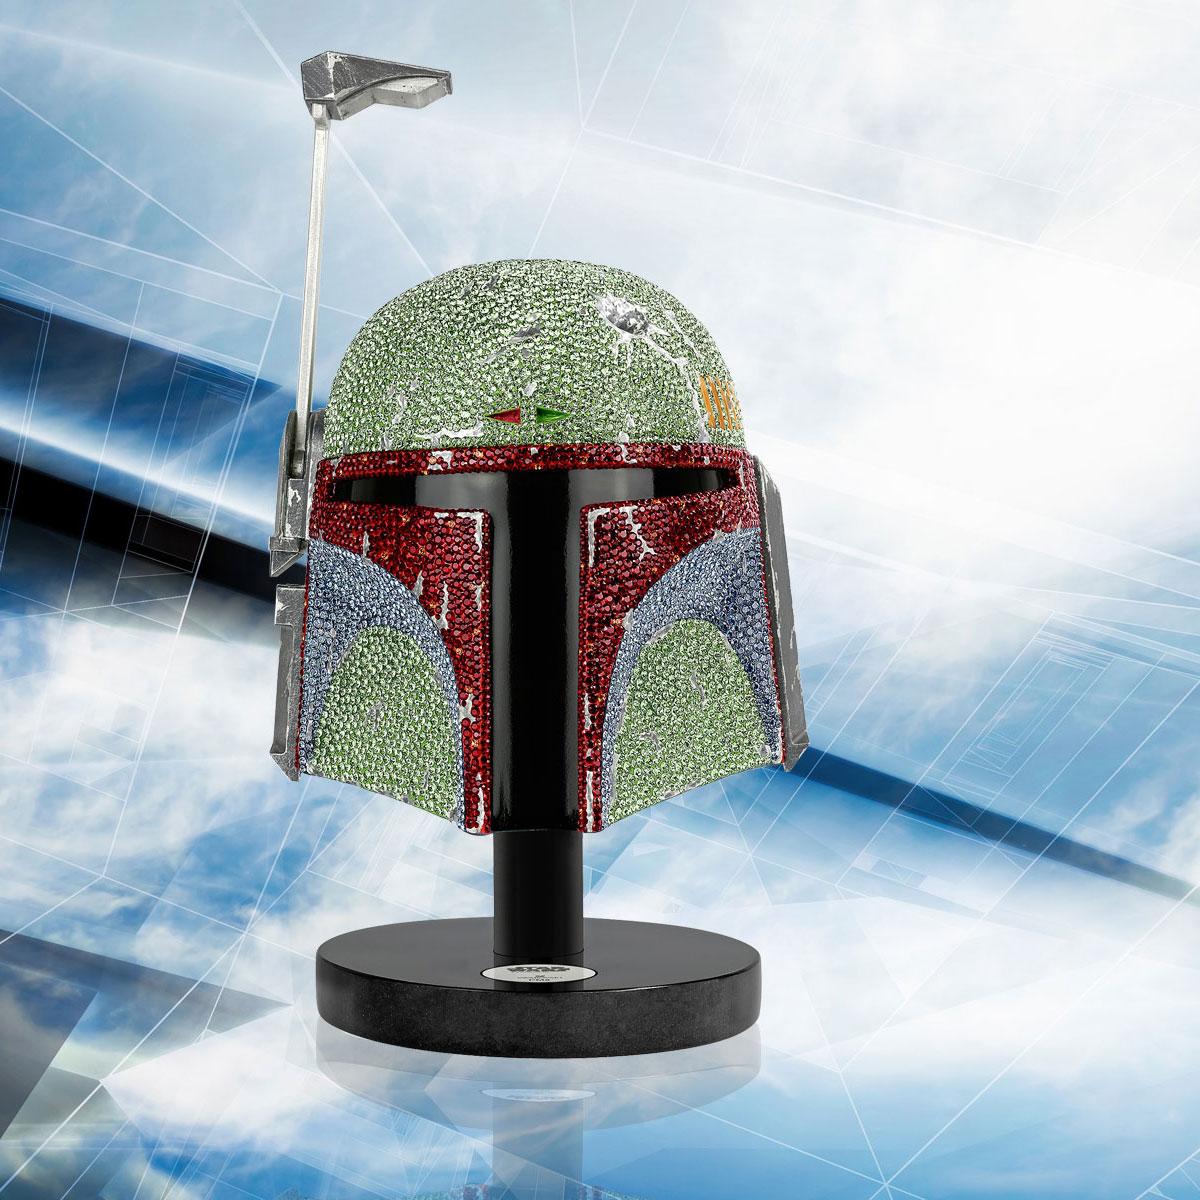 Swarovski Crystal Star Wars Boba Fett Helmet Myriad Limited Edition Sculpture